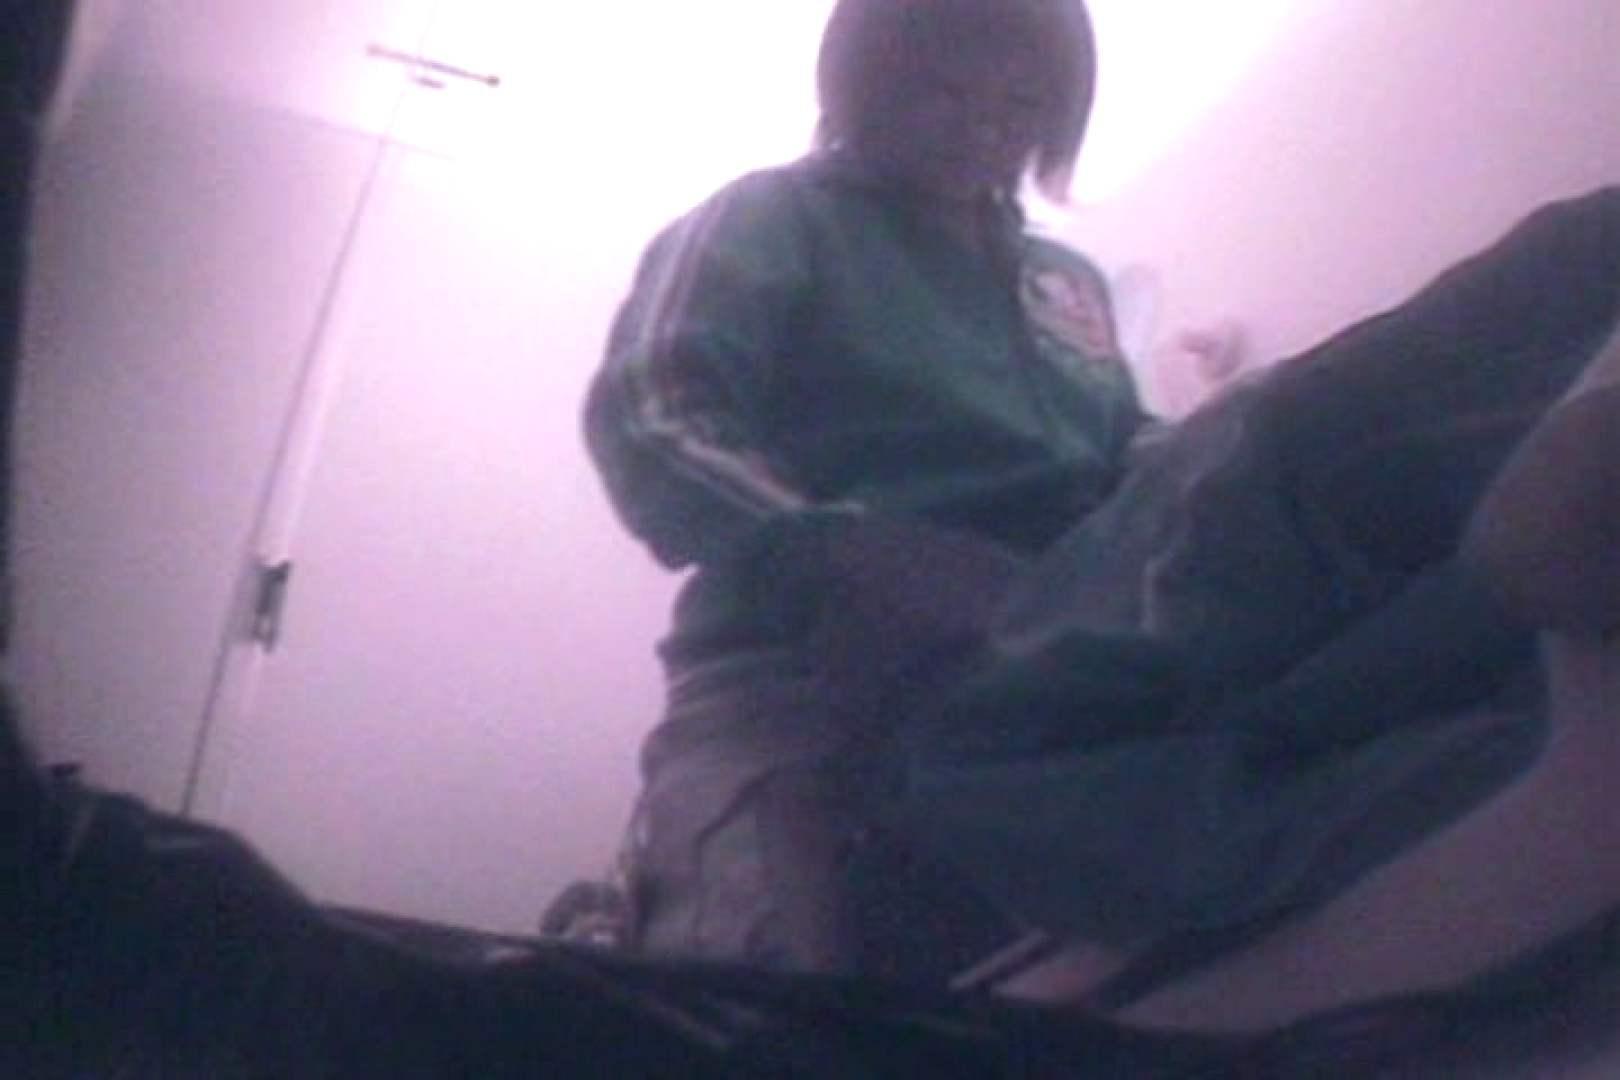 陸上部洗面所Vol.3 洗面所はめどり オマンコ動画キャプチャ 99画像 54